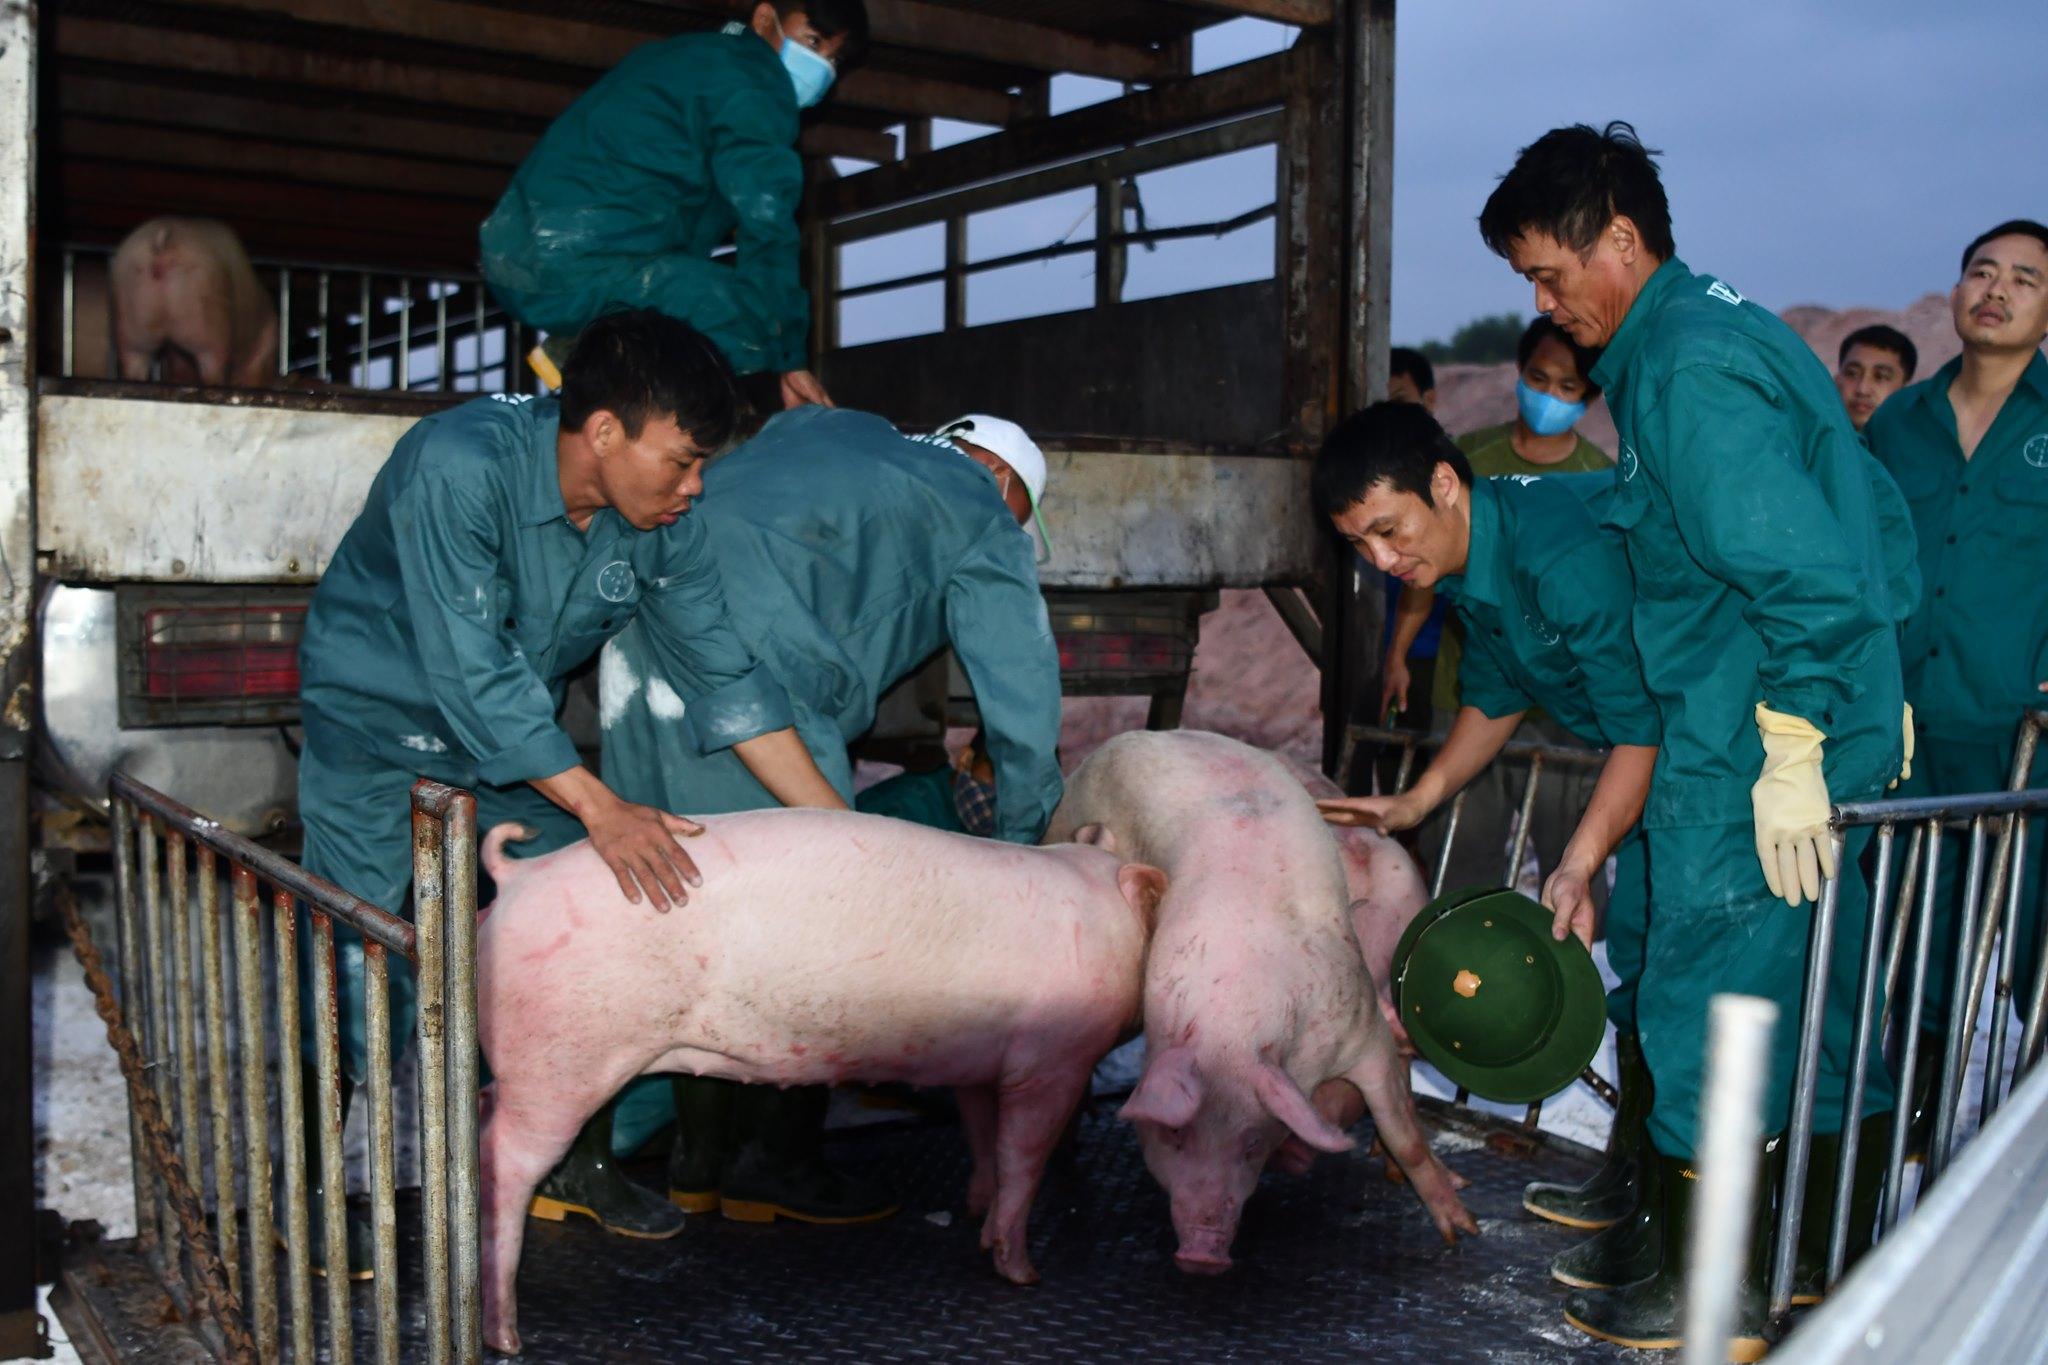 5 triệu con heo Thái Lan sẵn sàng về Việt Nam, Bộ Nông nghiệp: Giá heo trong nước chắc chắn sẽ giảm - Ảnh 1.